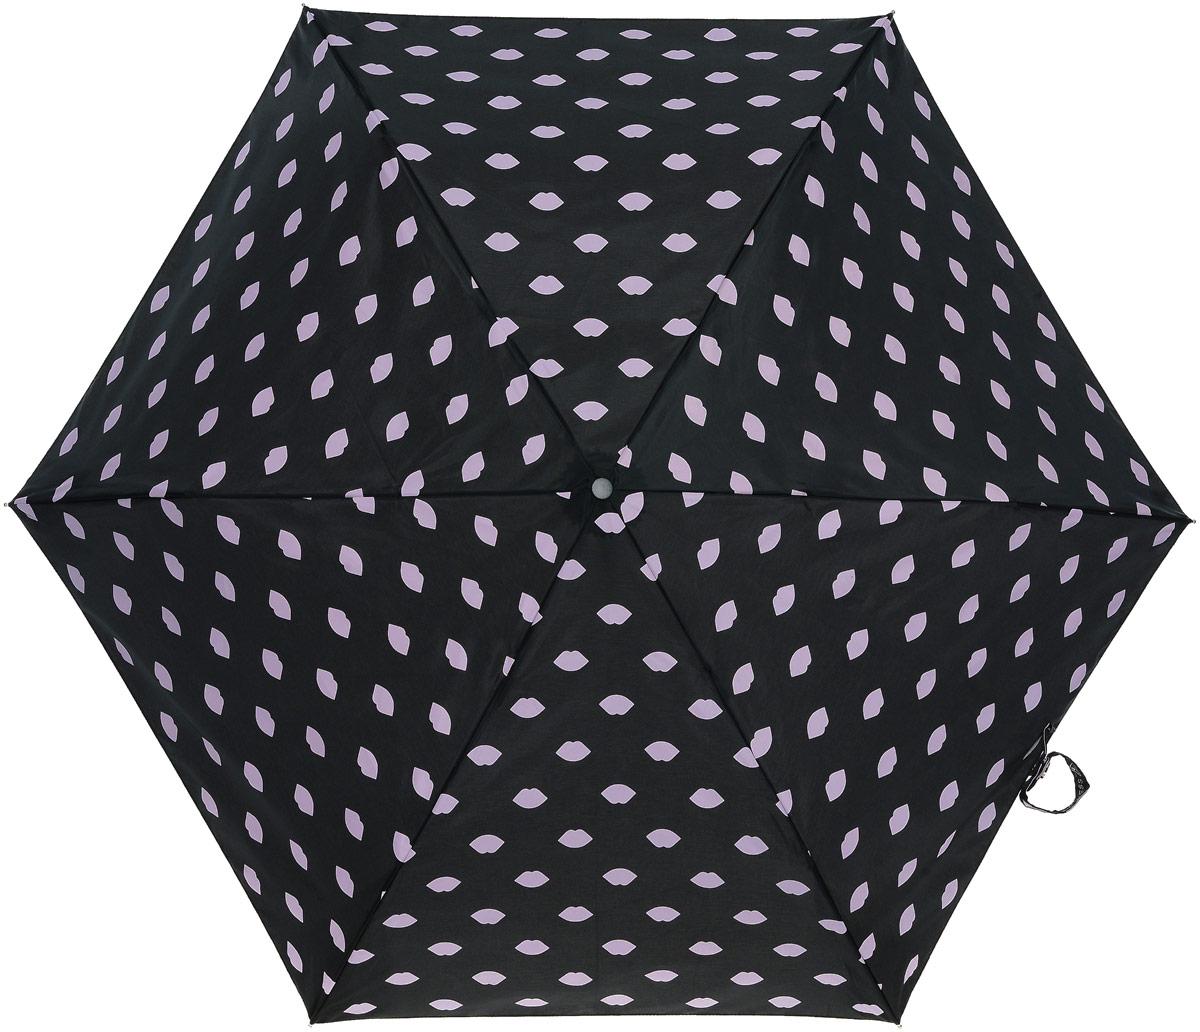 Зонт женский Lulu Guinness Superslim, механический, 3 сложения, цвет: черный, бледно-розовый. L718-2875REM12-CAM-GREENBLACKСтильный механический зонт Lulu Guinness Superslim в 3 сложения даже в ненастную погоду позволит вам оставаться элегантной. Облегченный каркас зонта выполнен из 6 спиц из фибергласса и алюминия, стержень также изготовлен из алюминия, удобная рукоятка - из пластика. Купол зонта выполнен из прочного полиэстера. В закрытом виде застегивается хлястиком на кнопке. Яркий оригинальный принт в виде изображения губ поднимет настроение в дождливый день.Зонт механического сложения: купол открывается и закрывается вручную до характерного щелчка.На рукоятке для удобства есть небольшой шнурок, позволяющий надеть зонт на руку тогда, когда это будет необходимо. К зонту прилагается чехол, который дополнительно застегивается на липучку, с небольшой нашивкой с названием бренда. Такой зонт компактно располагается в кармане, сумочке, дверке автомобиля.